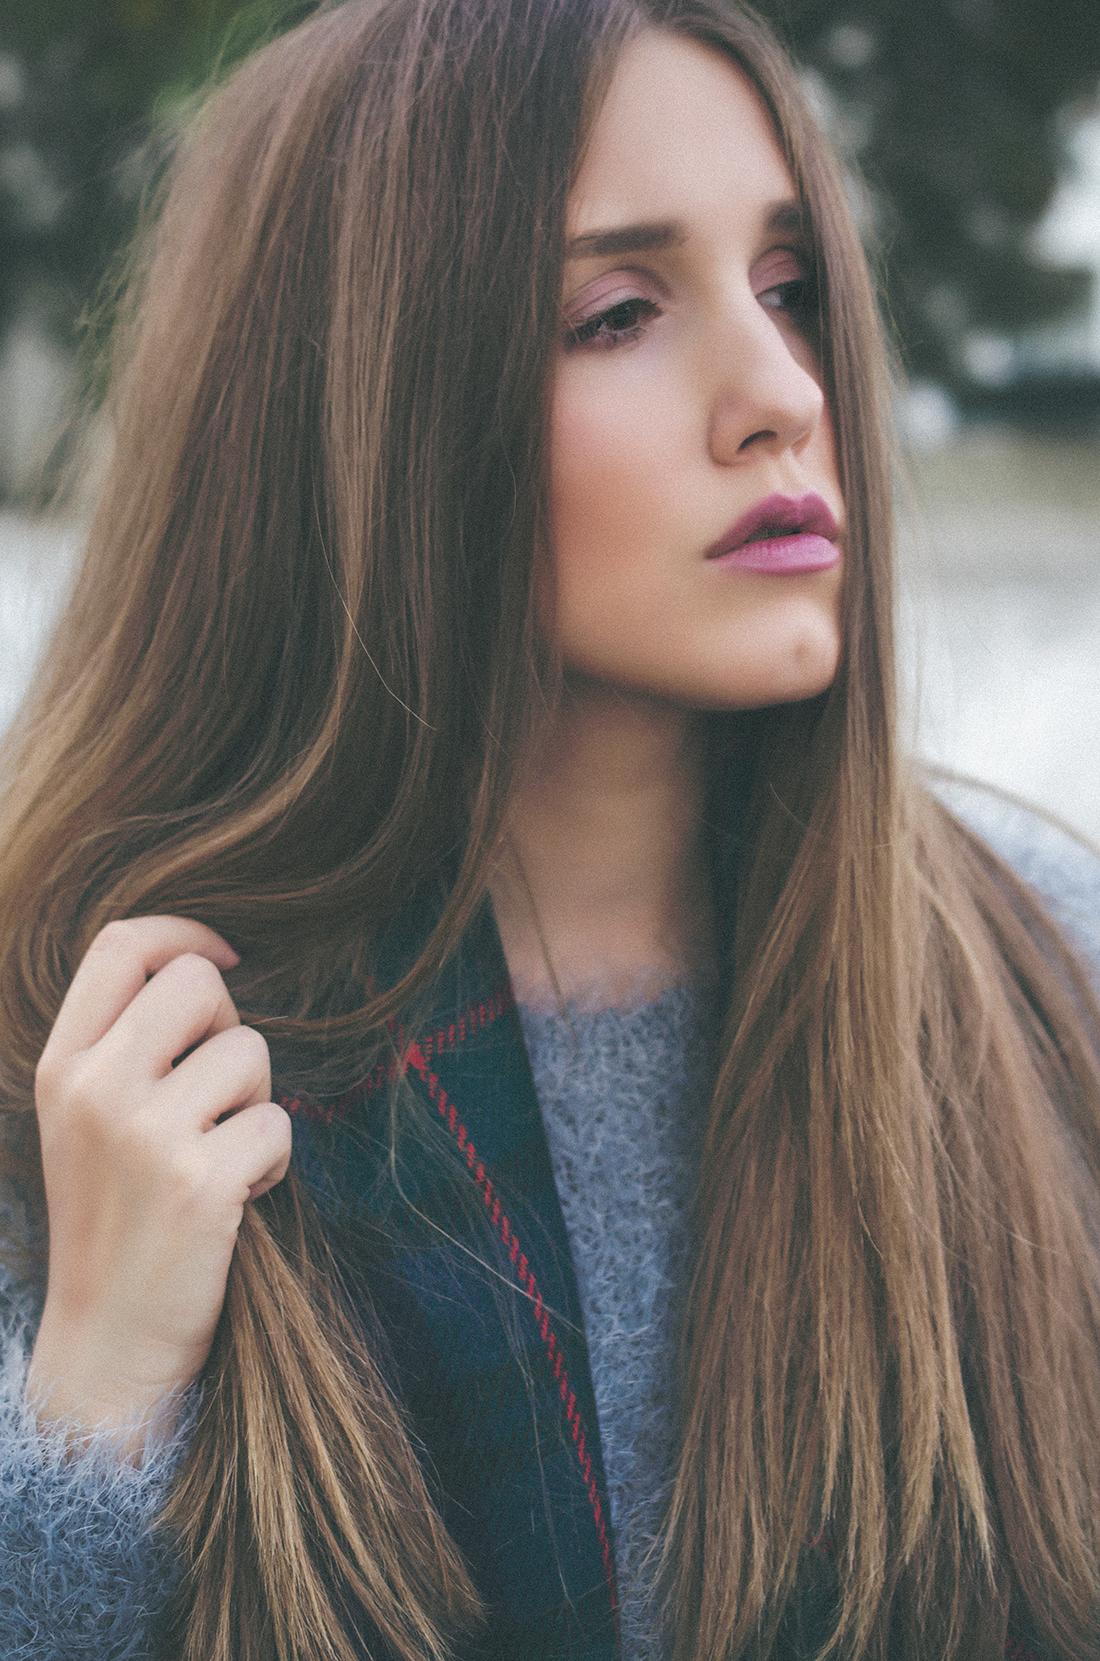 flauschiger pullover - glam meets comfort - fleur de mode - hristina micevska